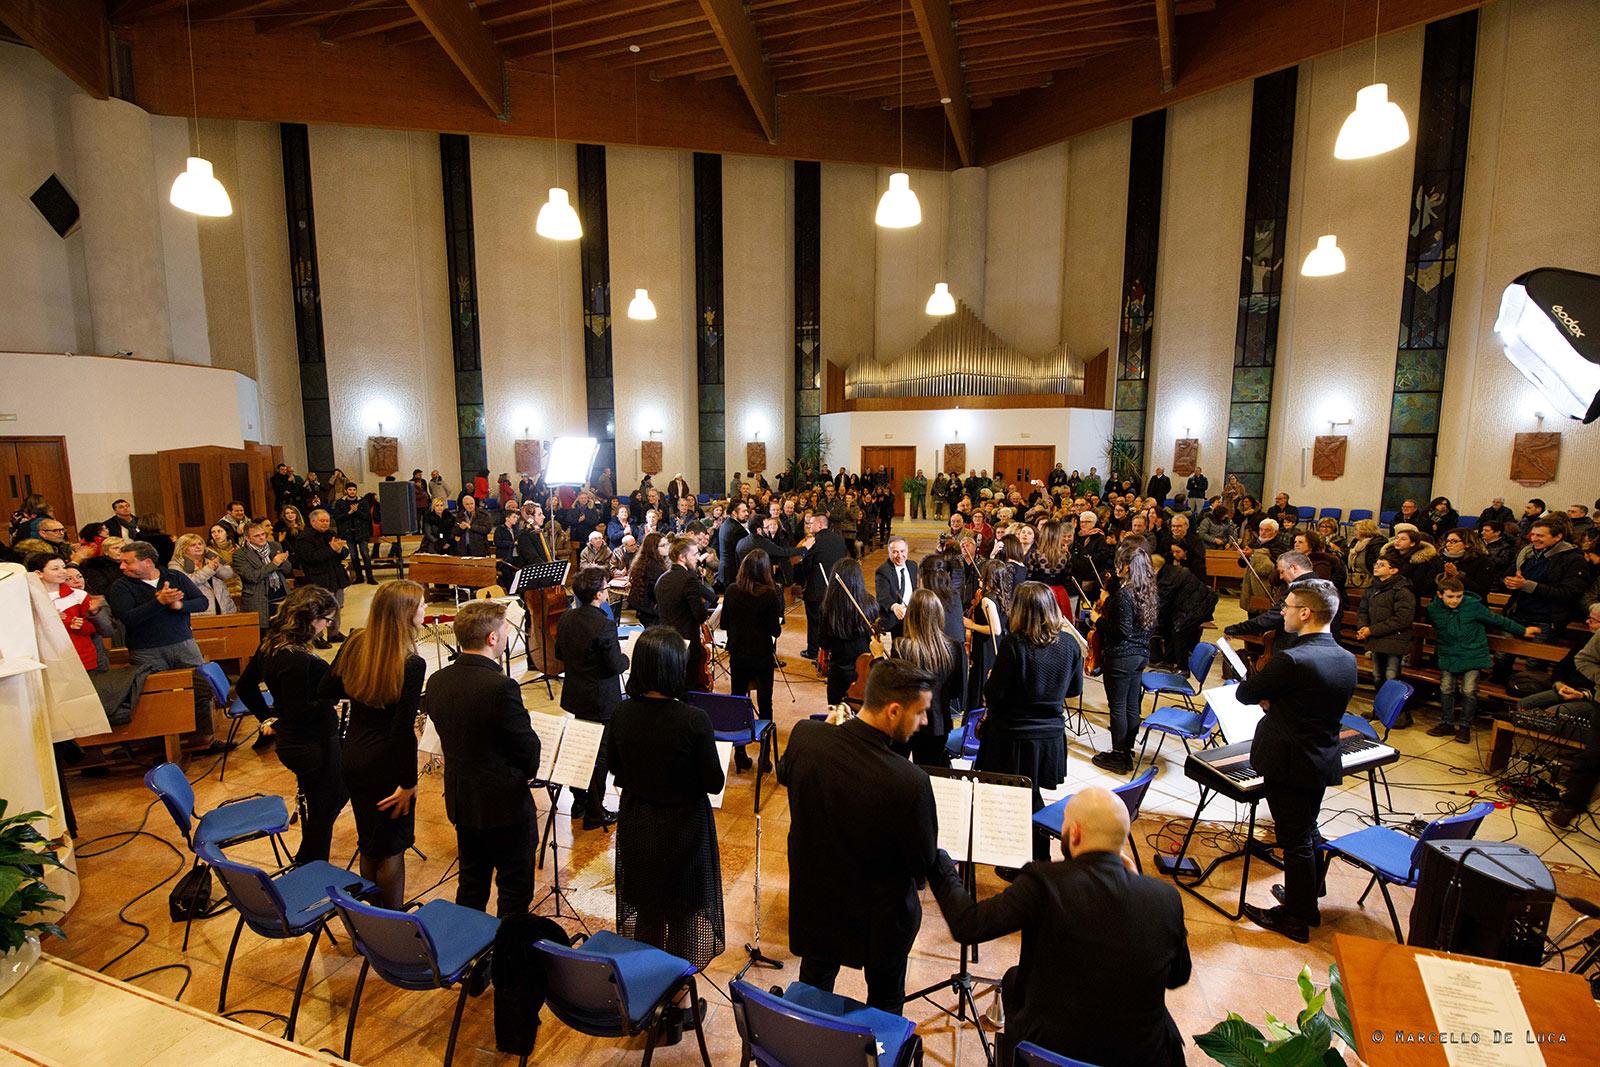 Incanto ed entusiasmo per l'esibizione dell I.M.A allo Spirito santo di Avezzano